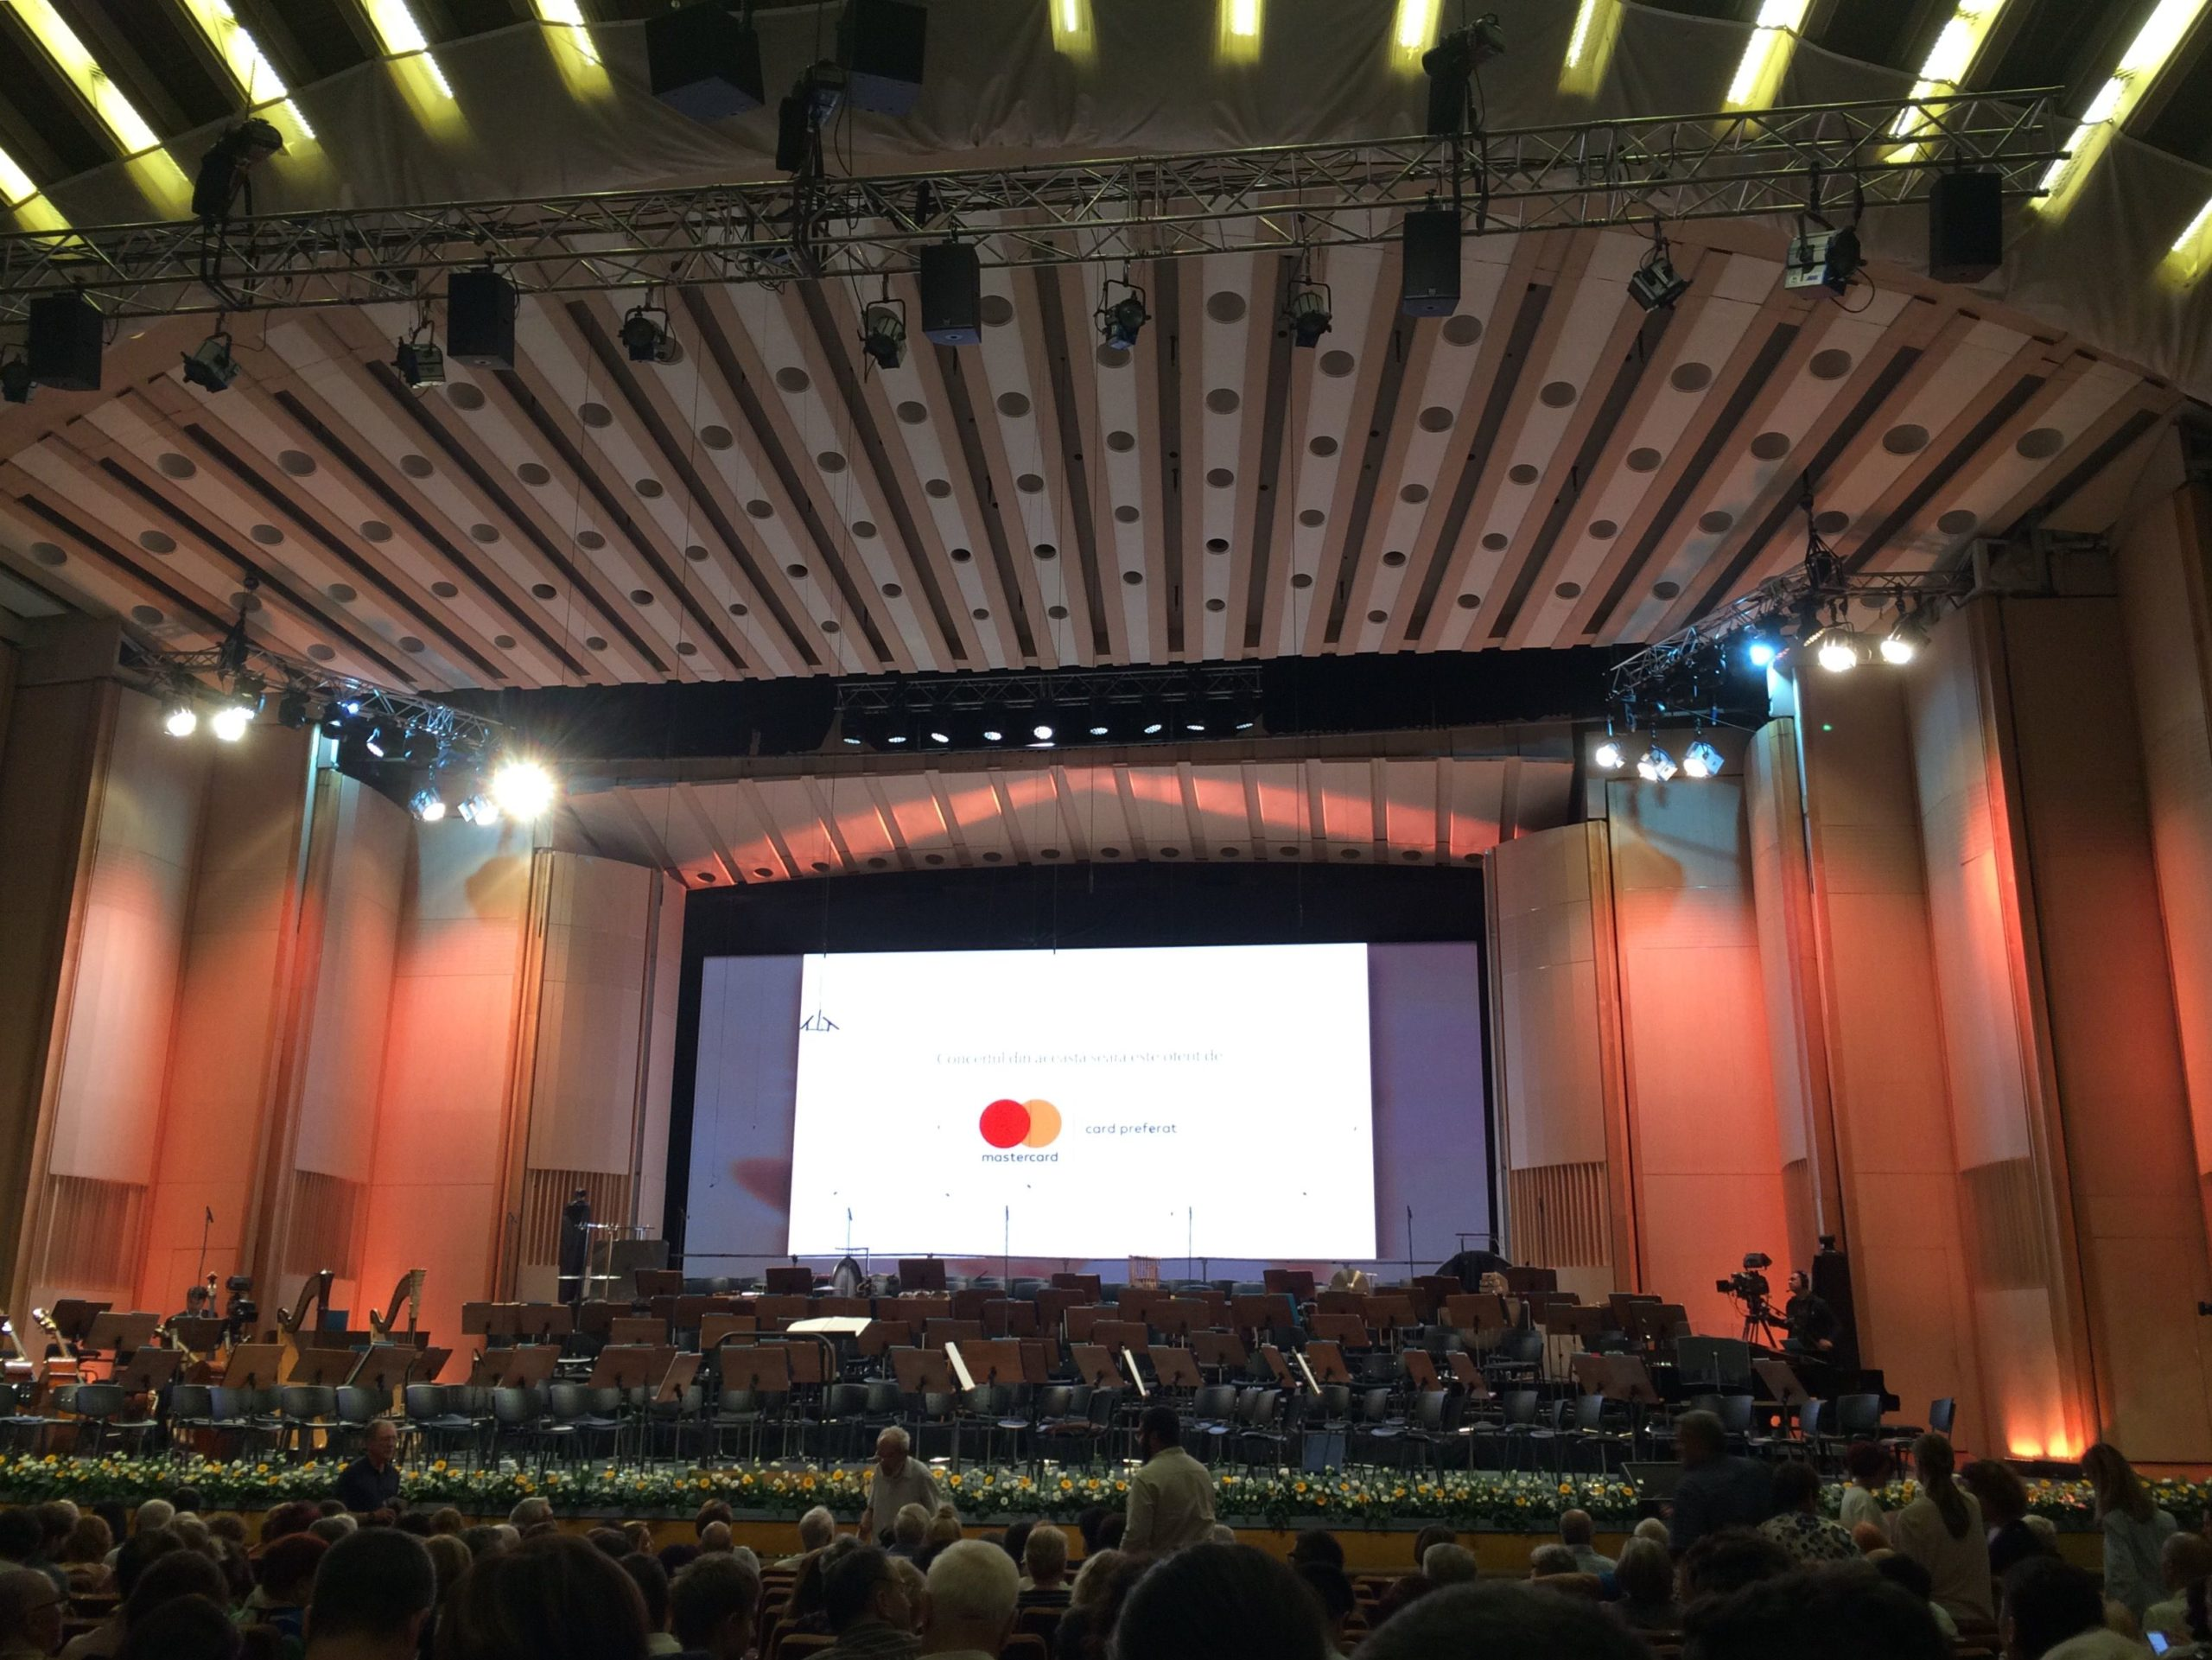 Sala Palatului, Bucharest, Romania, performance, venue, culture, Enescu Festival, immense, acoustics, architecture